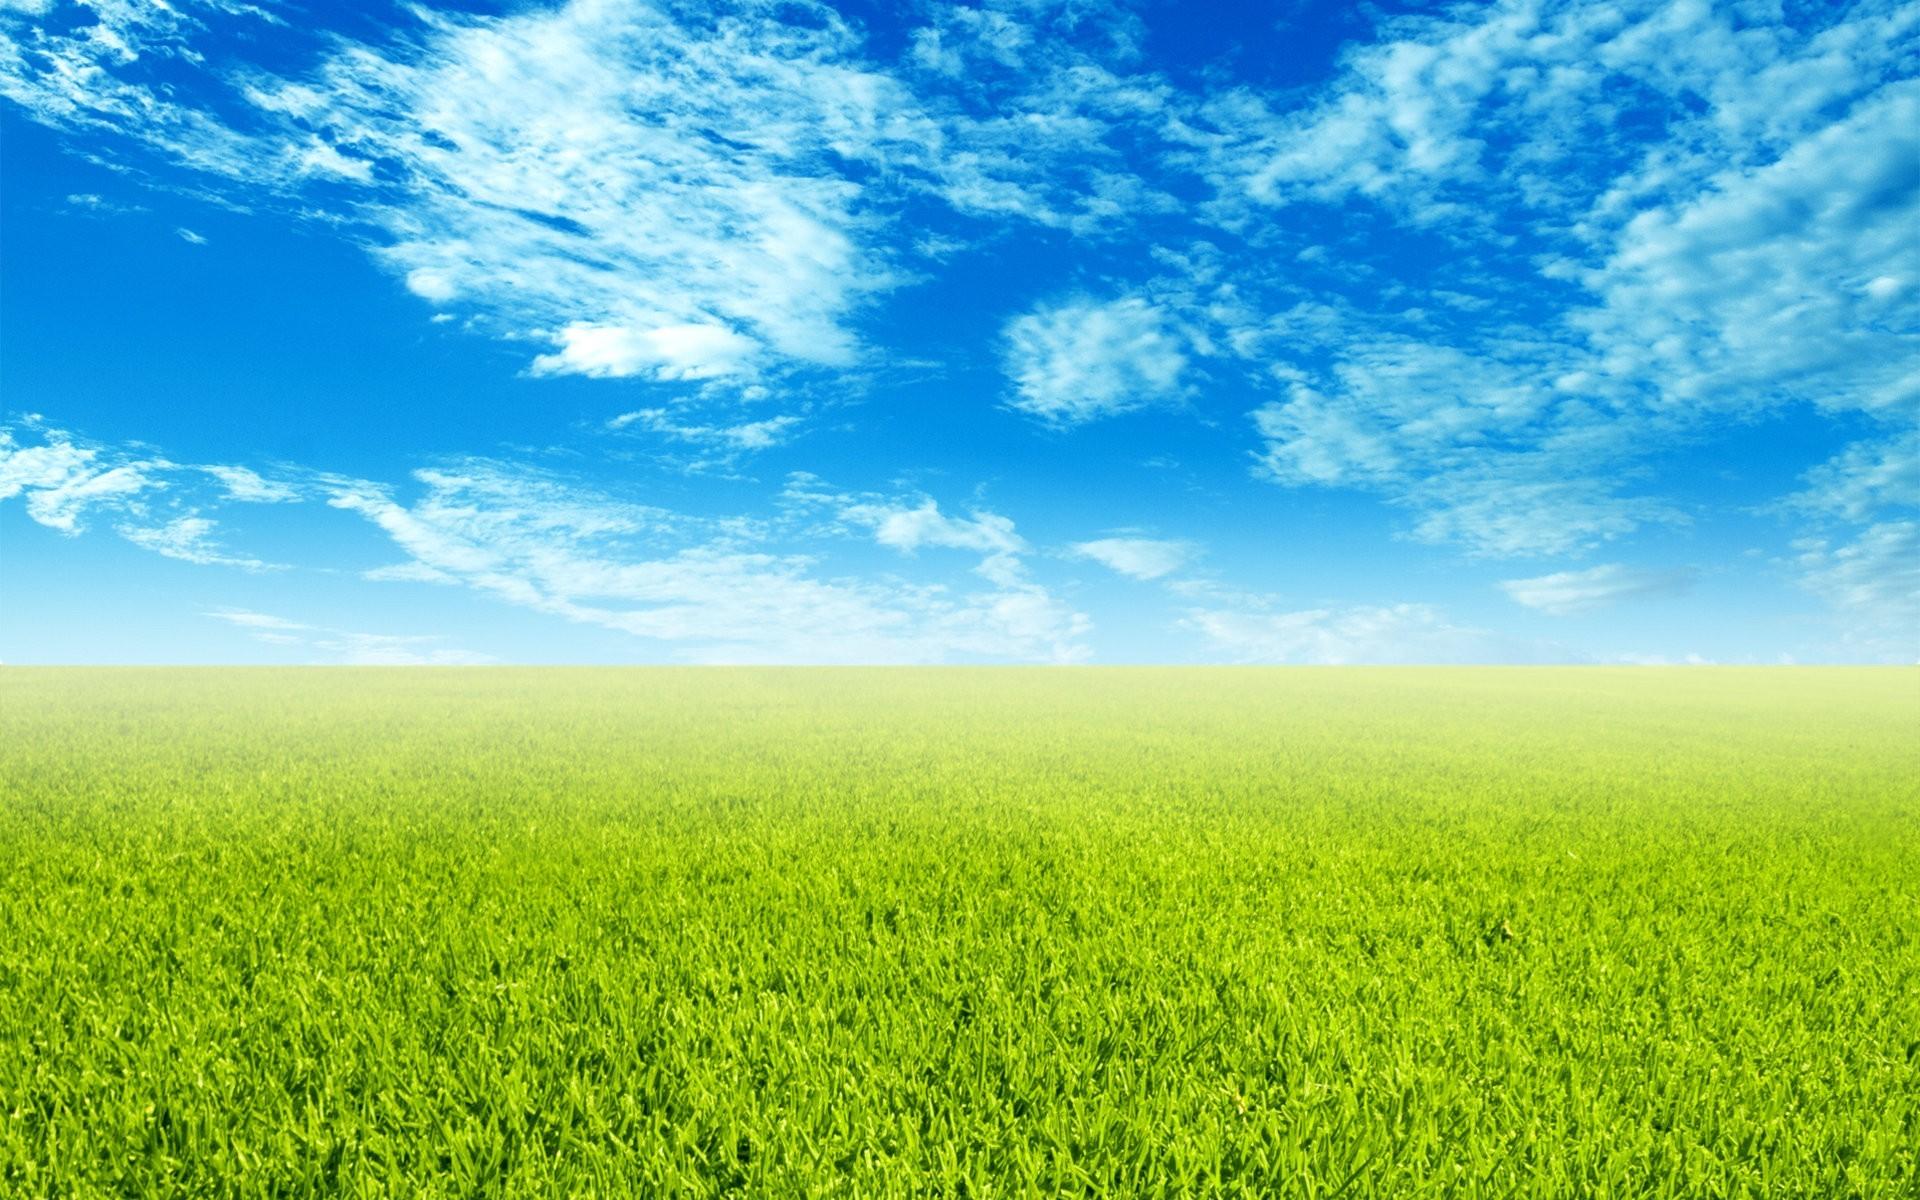 green grass background - HD1920×1200